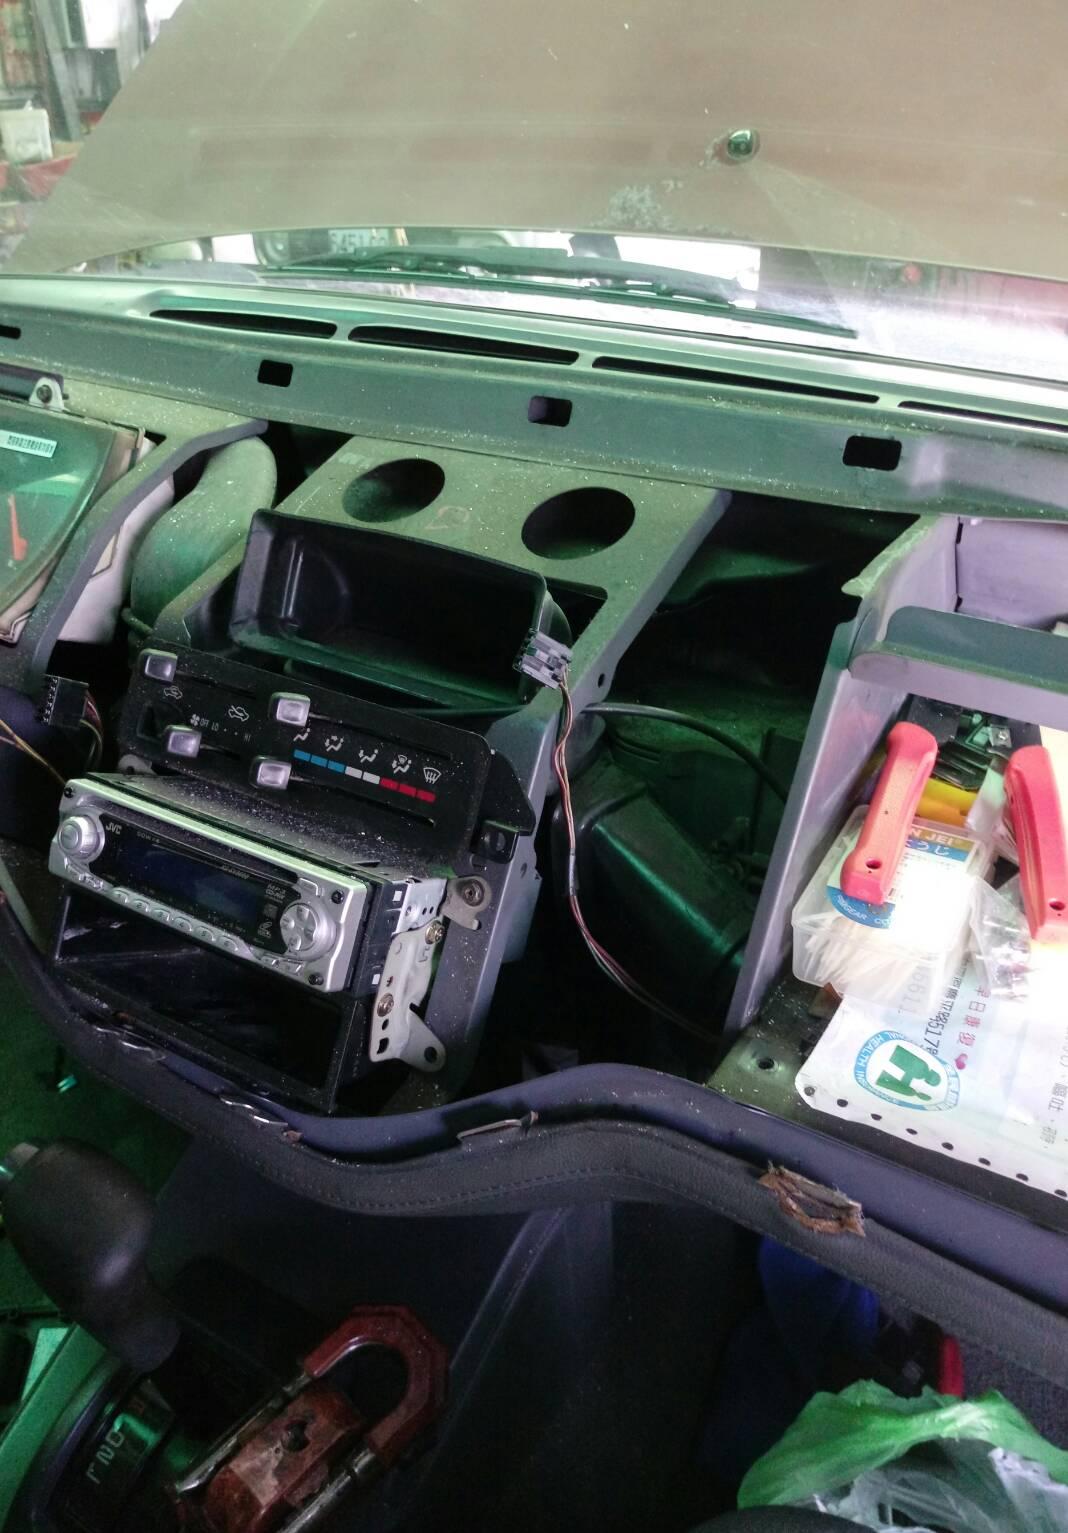 台南市南區推薦修車廠億祥汽機車保修器汽車內部檢測